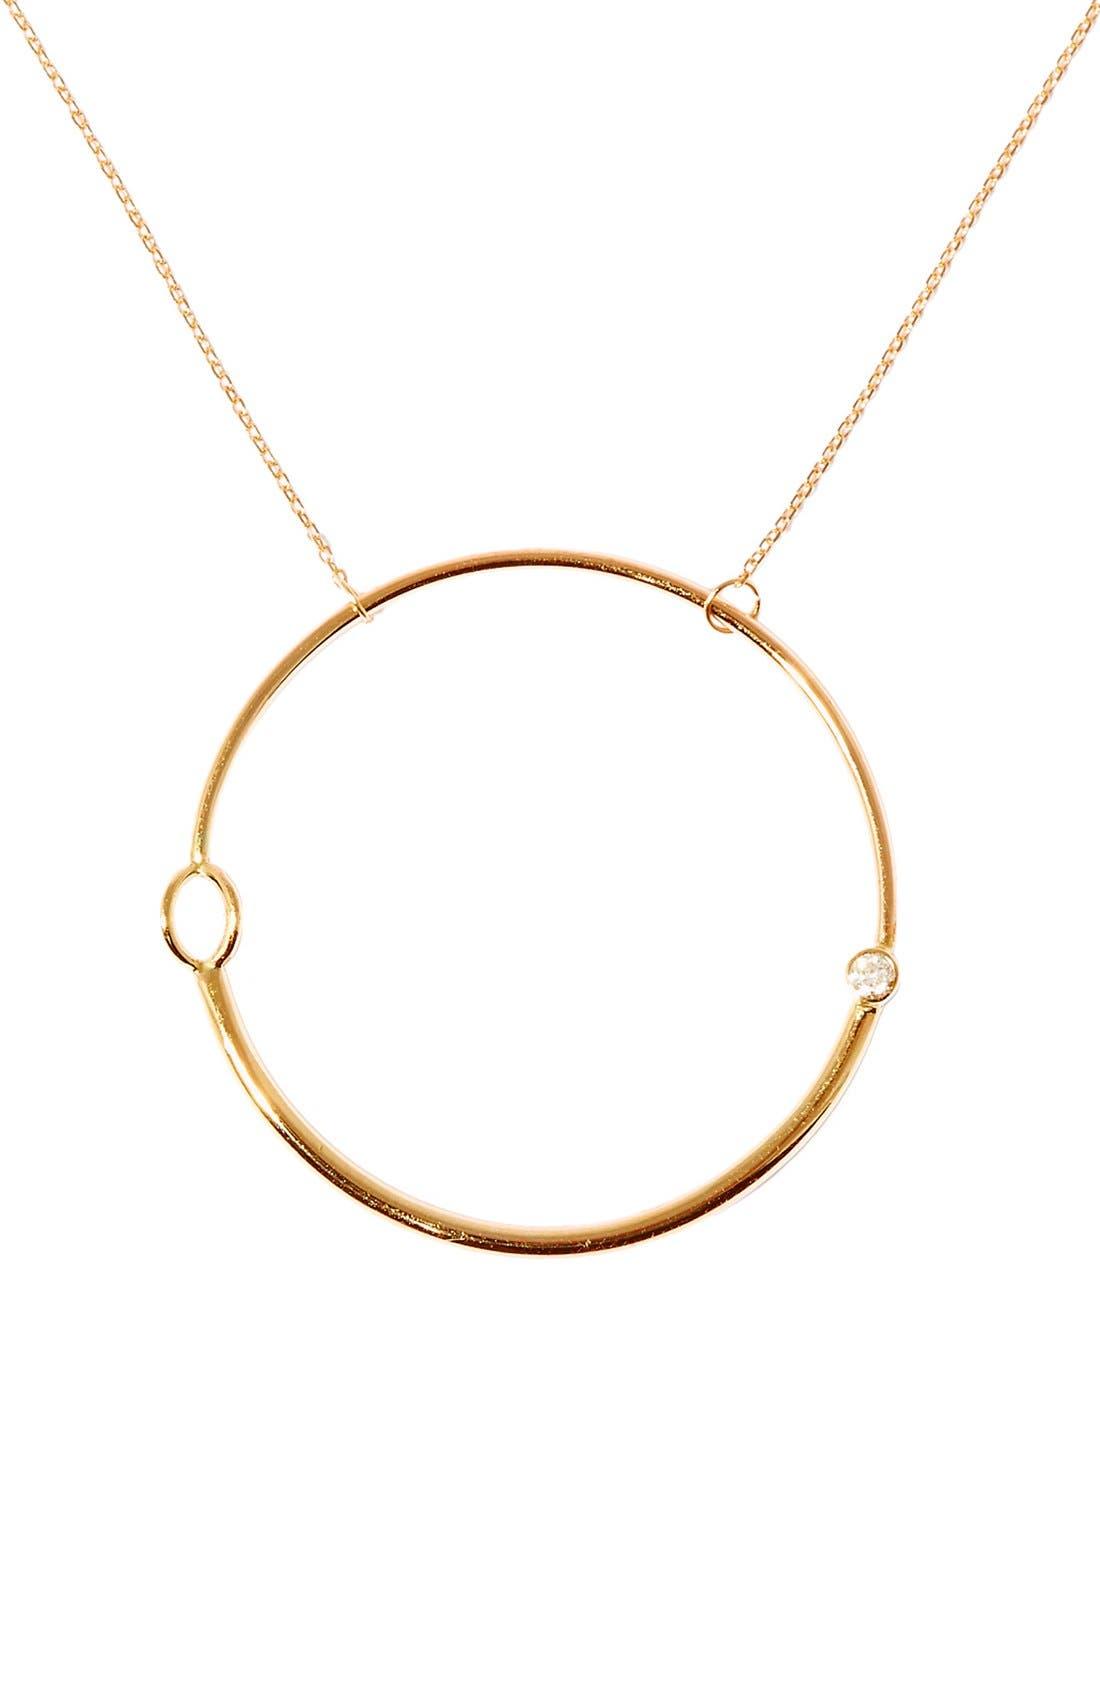 'Large Foam' Gold & Diamond Pendant Necklace,                             Main thumbnail 1, color,